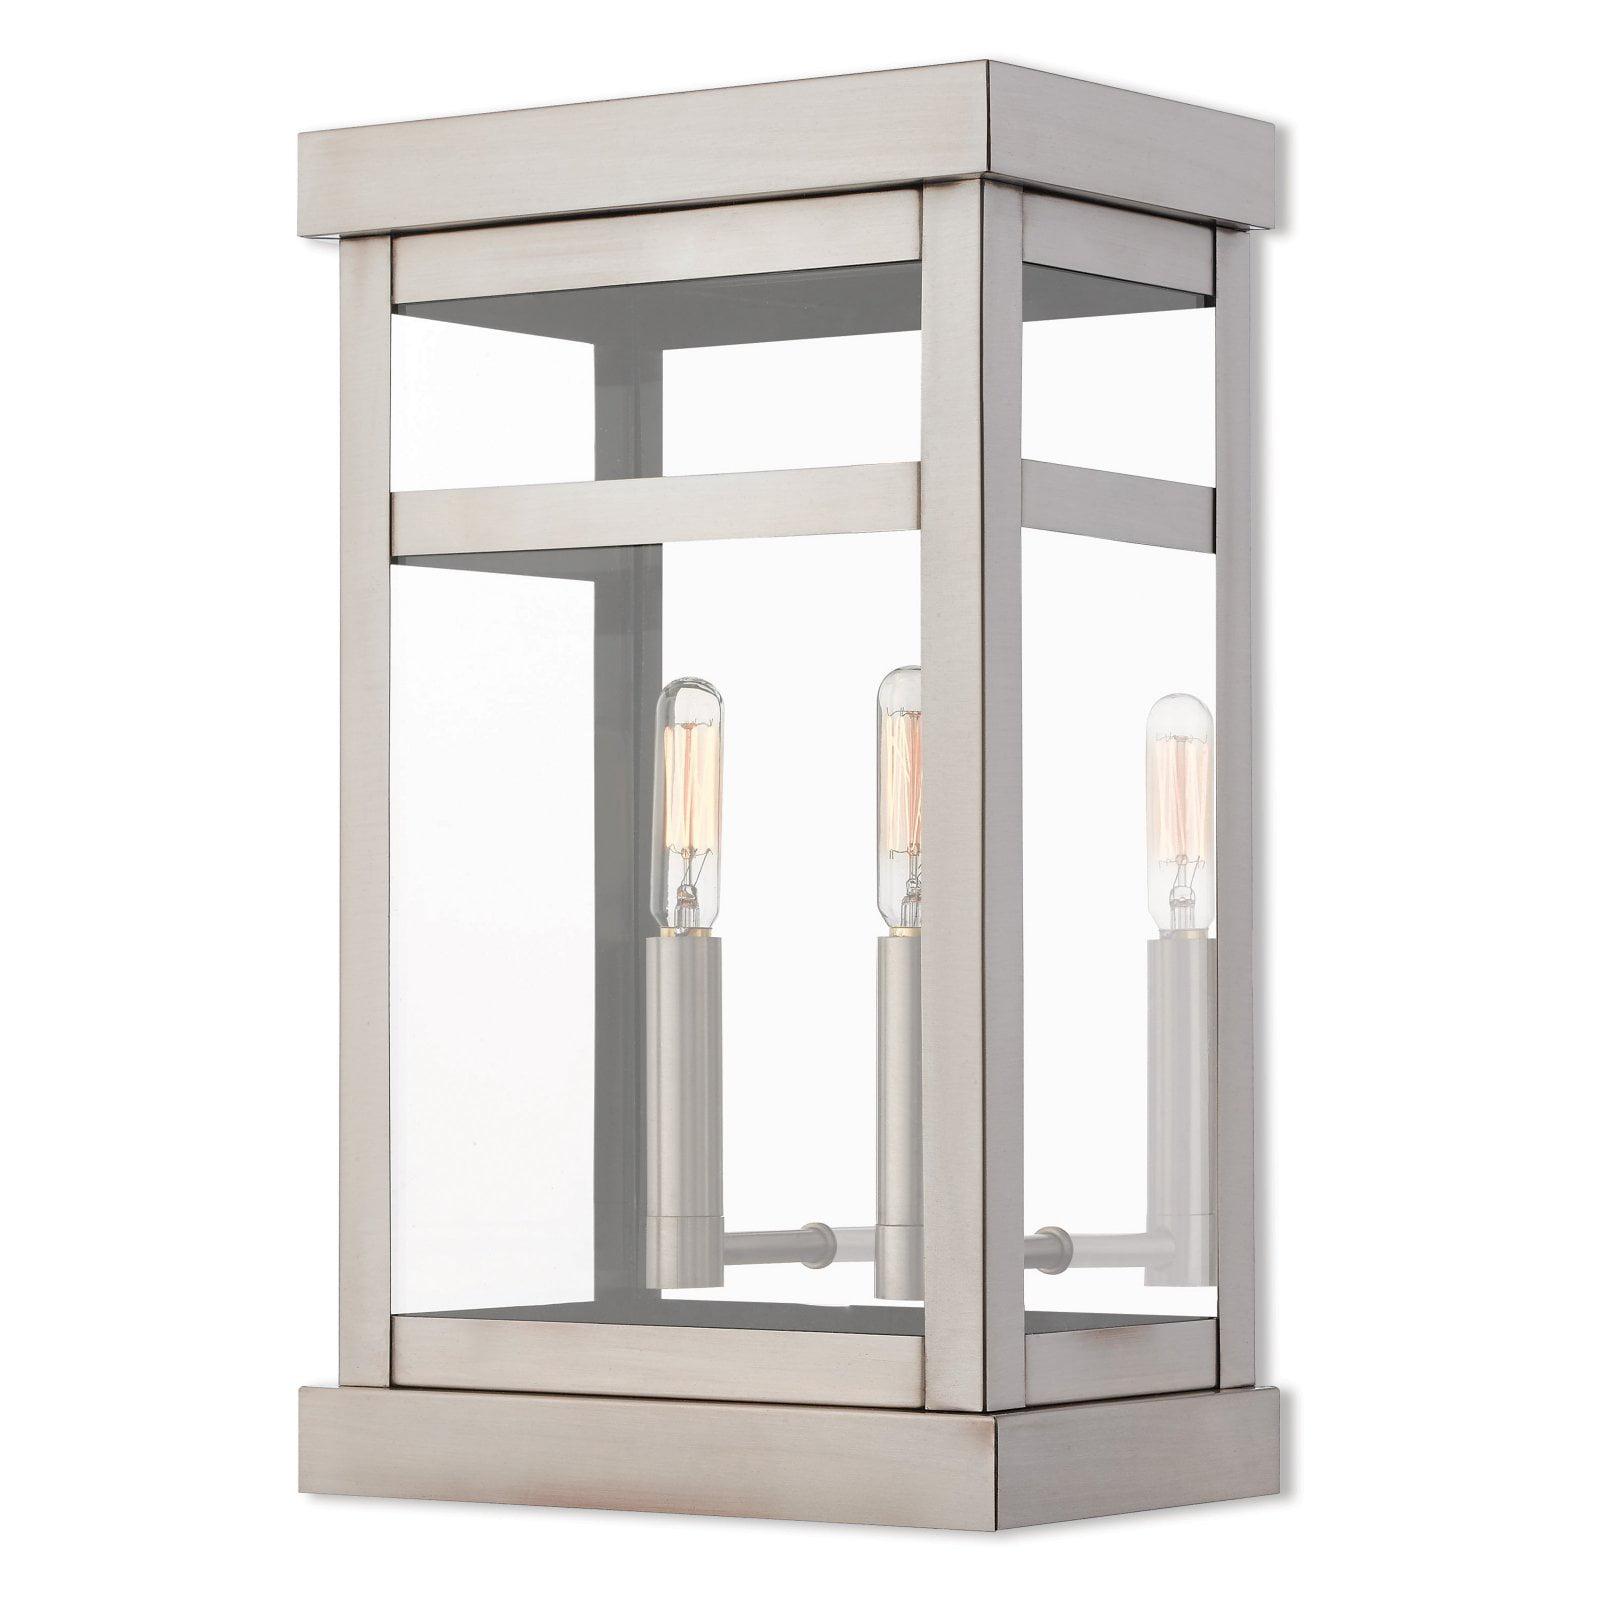 Porch Light Walmart: Livex Lighting Hopewell 2 Light Outdoor Wall Lantern